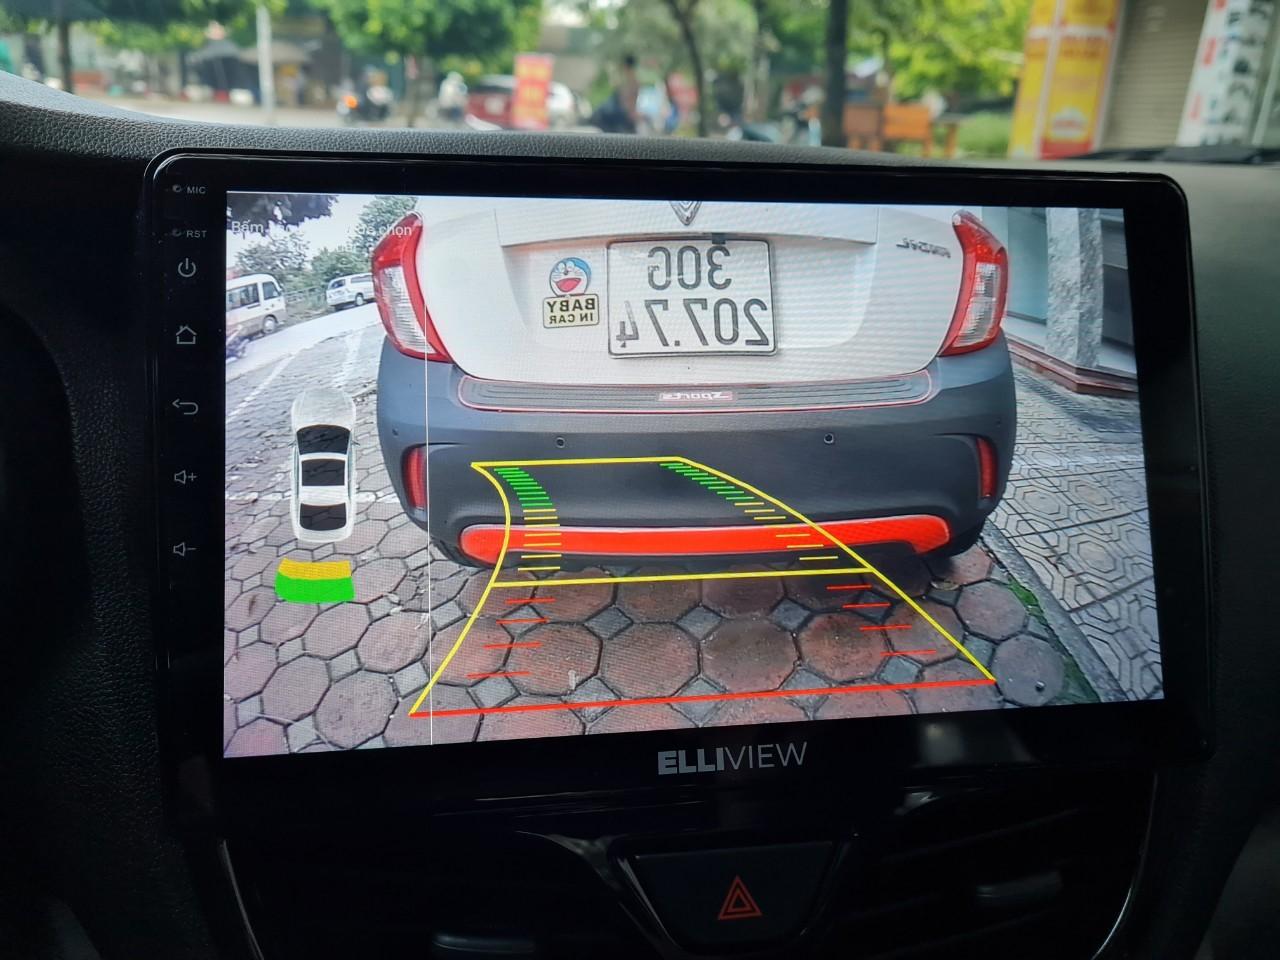 Cam lùi AHD siêu nét và cảm biến đỗ xe Ellisen trên màn hình Elliview U4